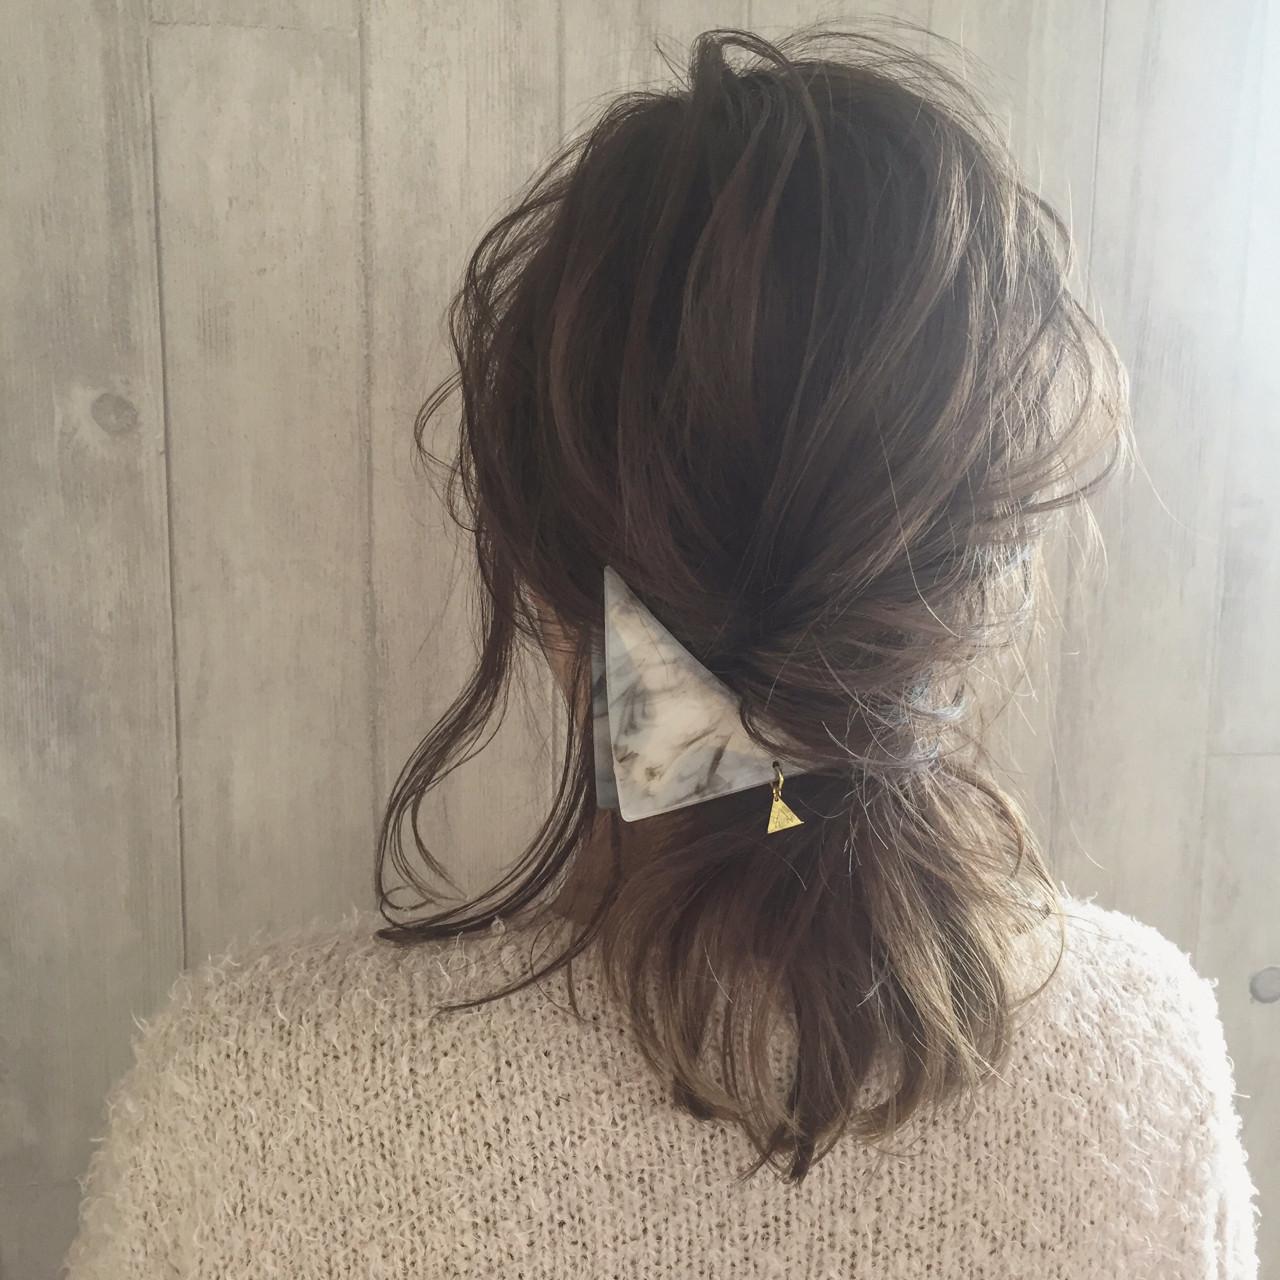 バンスクリップで大人のまとめ髪☆おすすめヘアアレンジやアイテムも紹介